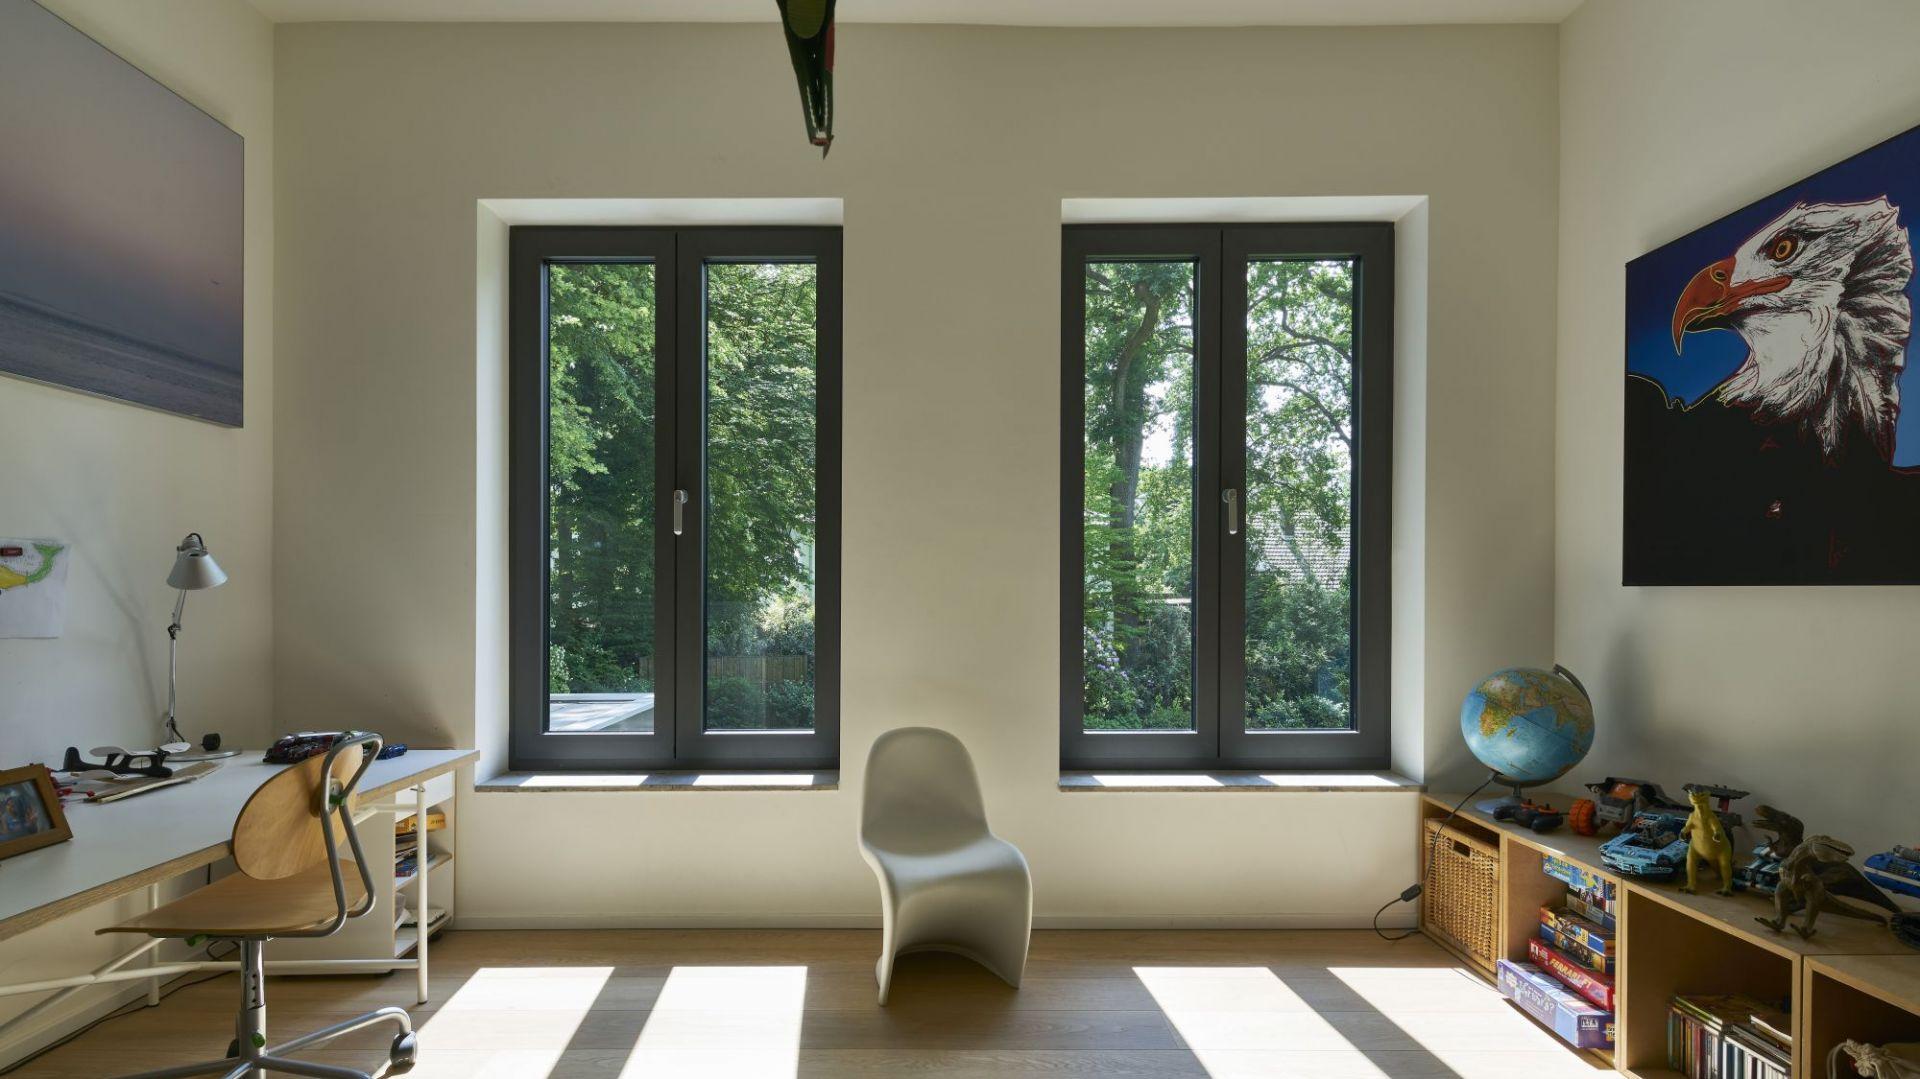 Nowoczesne okna - kryteria wyboru podczas zakupu. Fot. Awilux